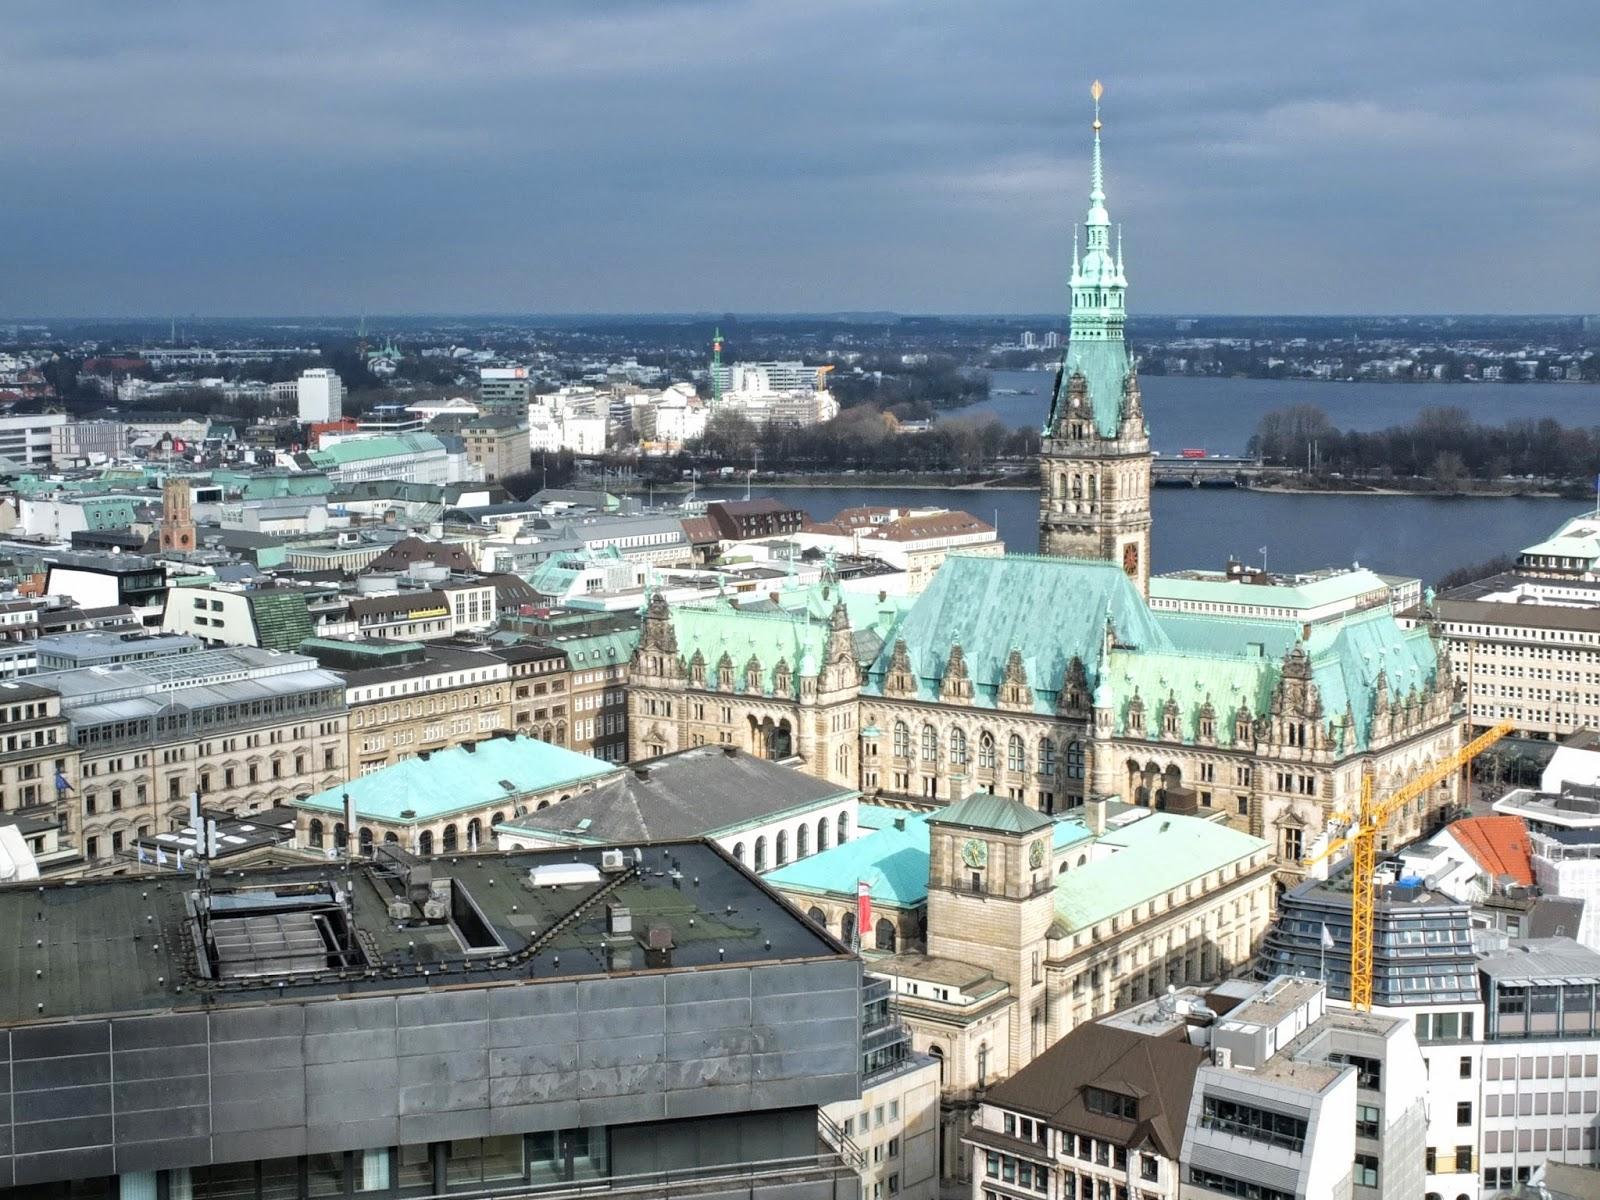 Aussichtsturm, Kirchengebäude, Fahrstuhl, Aussichtspunkt